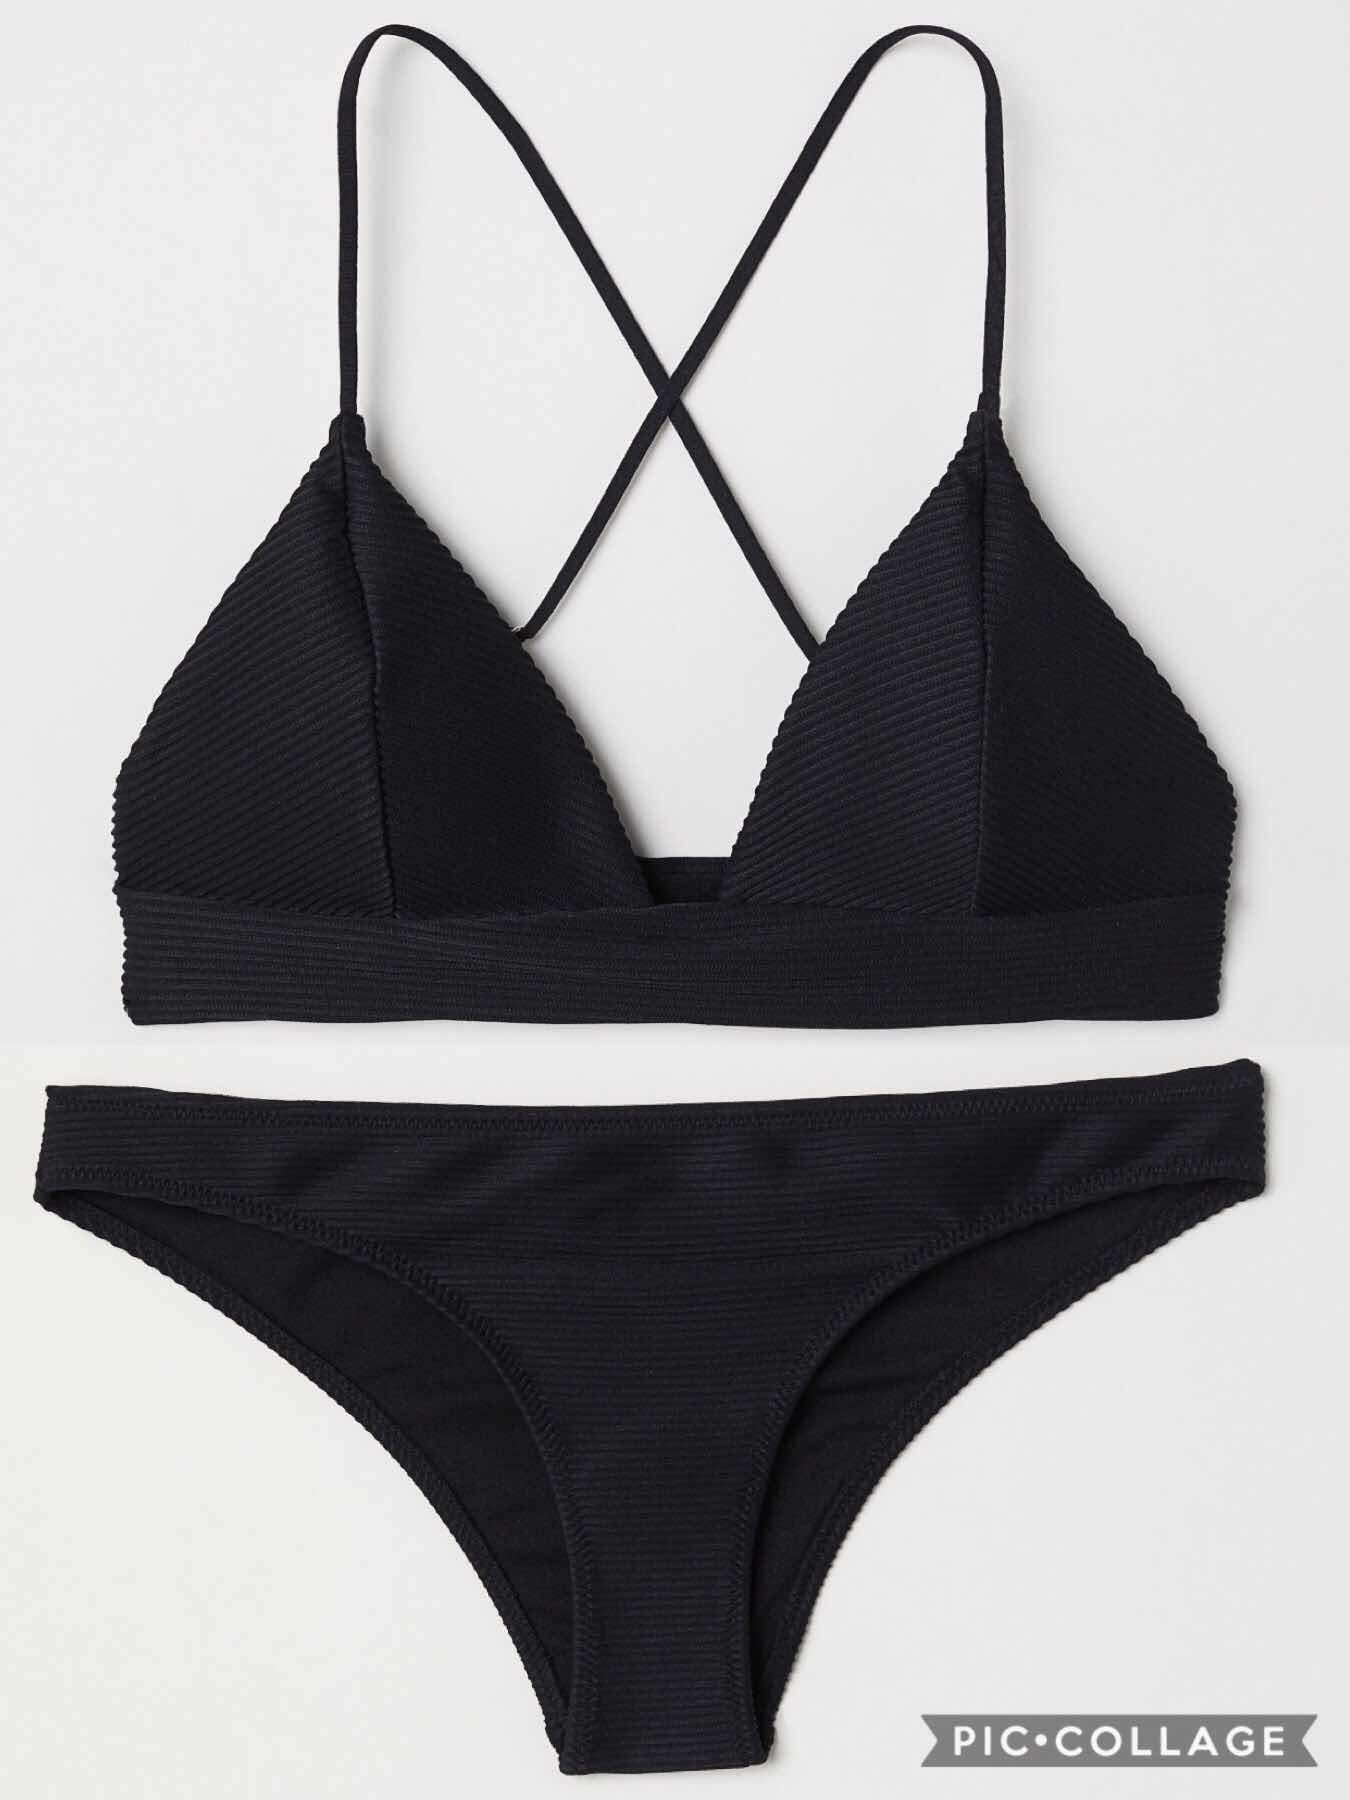 15f01c3a27ac9  1 H M black triangle bikini top (£12.99) + H M black bikini bottoms (£8.99)